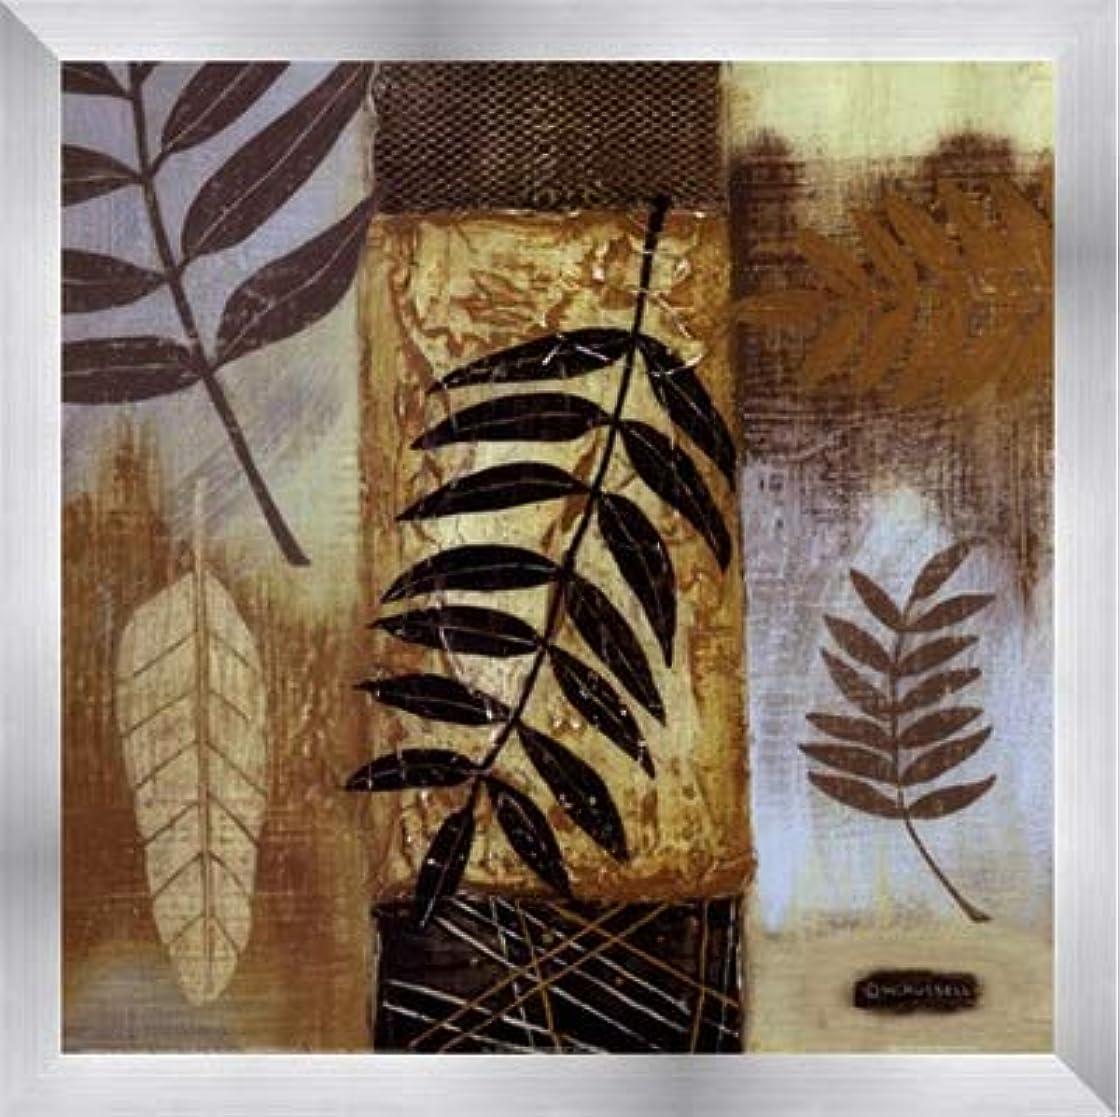 より平らなグレード待つ自然のパターンI by Wendy Russell – 12 x 12インチ – アートプリントポスター 12 x 12 Inch LE_255654-F9935-12x12